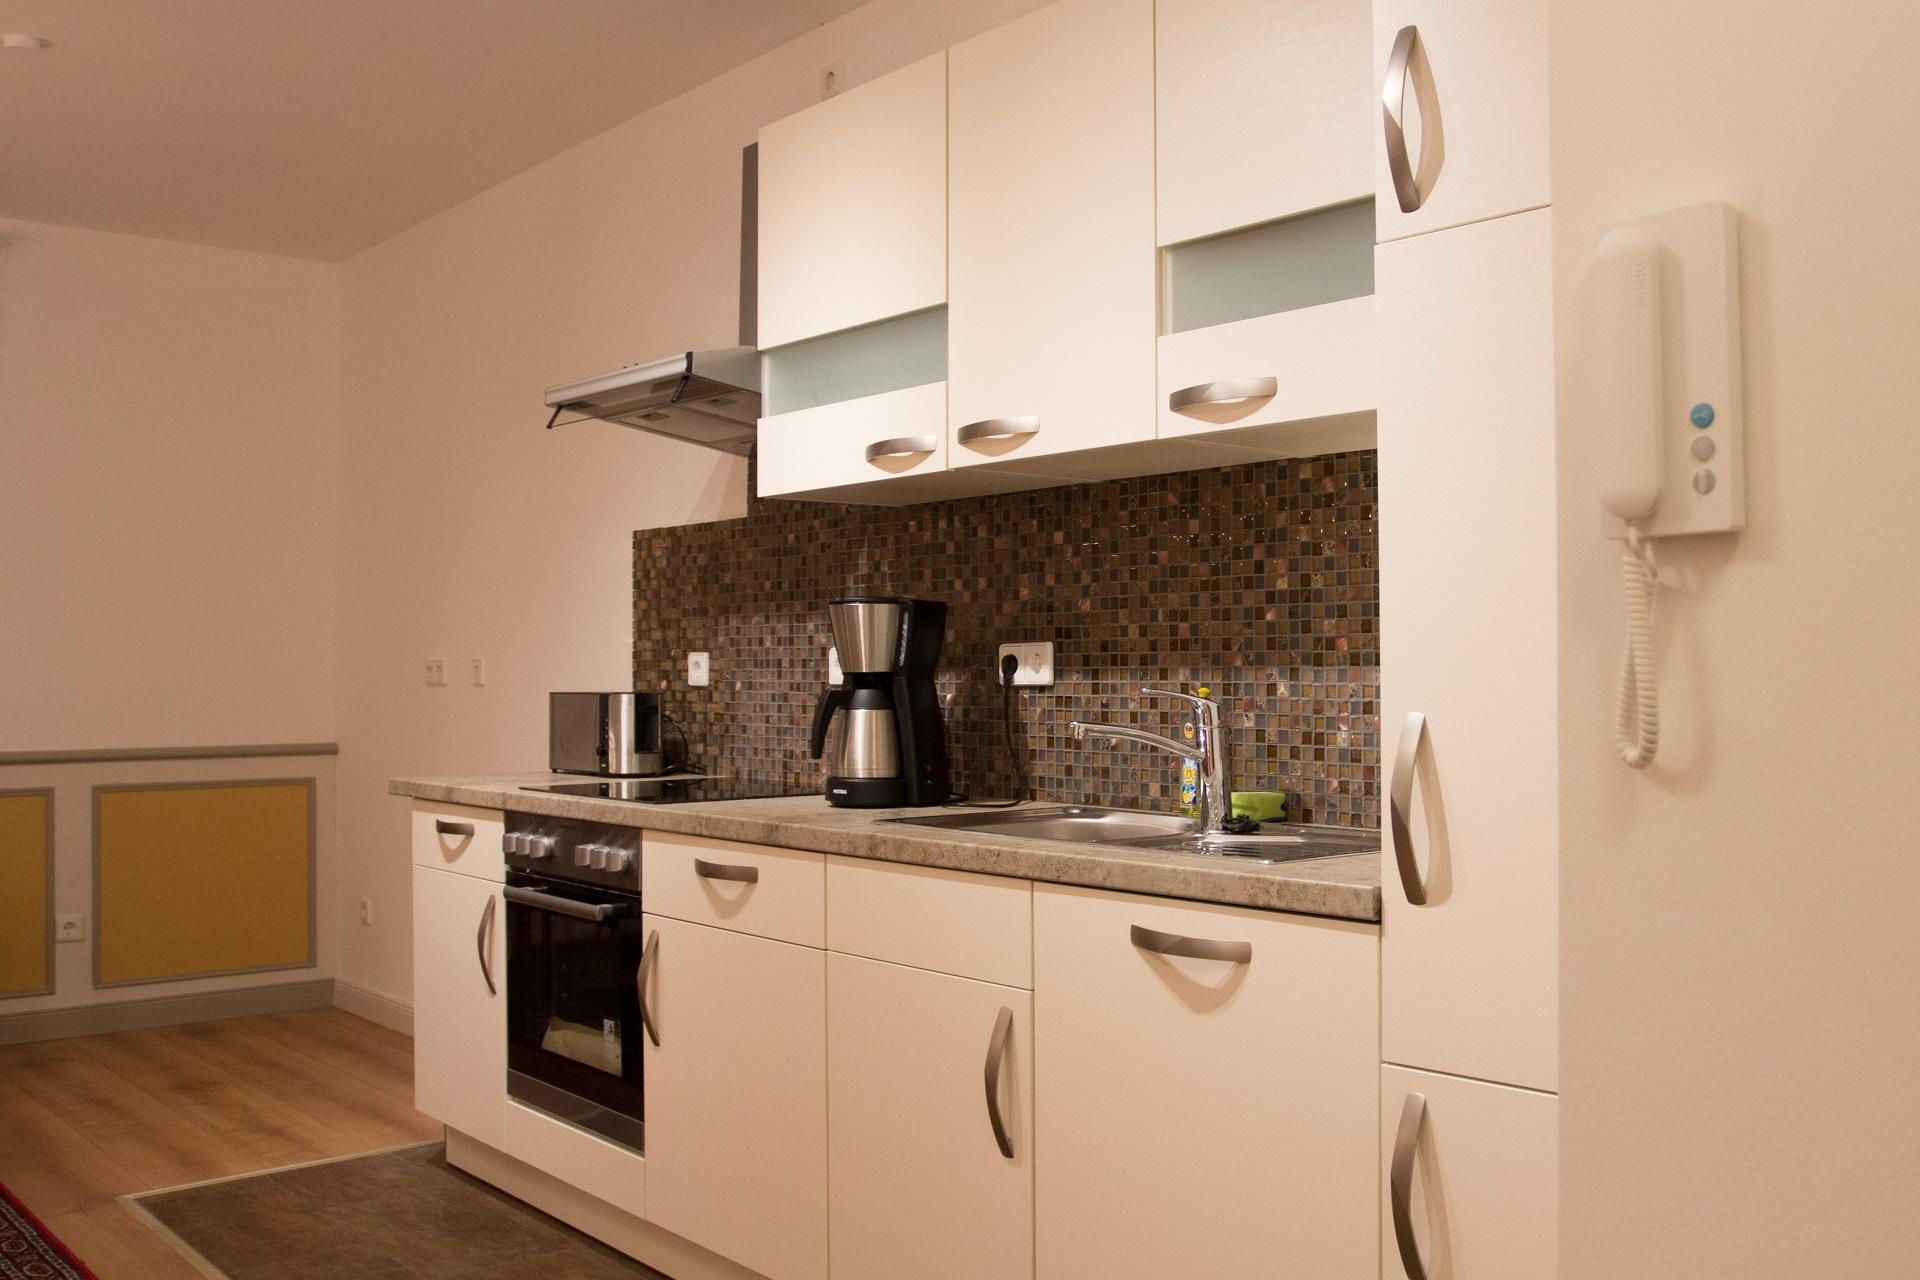 Ferienwohnung Ratssaal - Küchenzeile